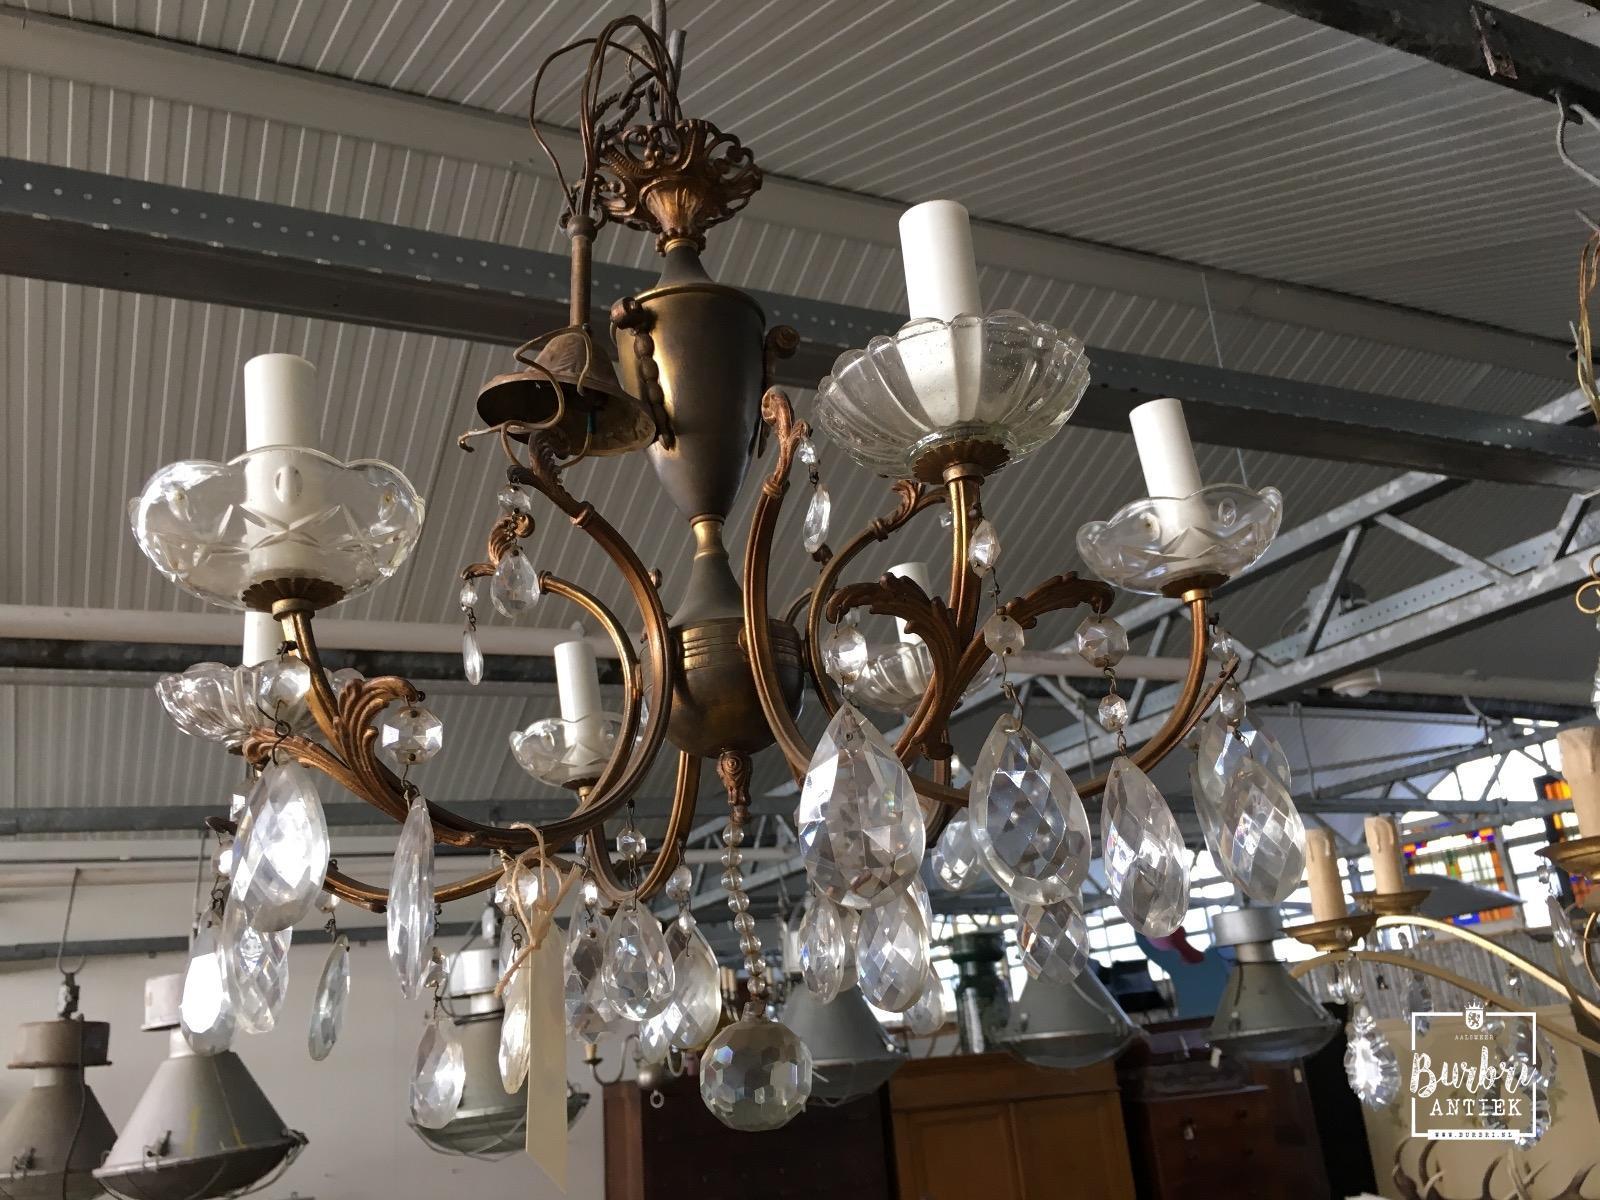 Kristallen kroonluchter klassiek industri le hang lampen for Kristallen kroonluchter schoonmaken